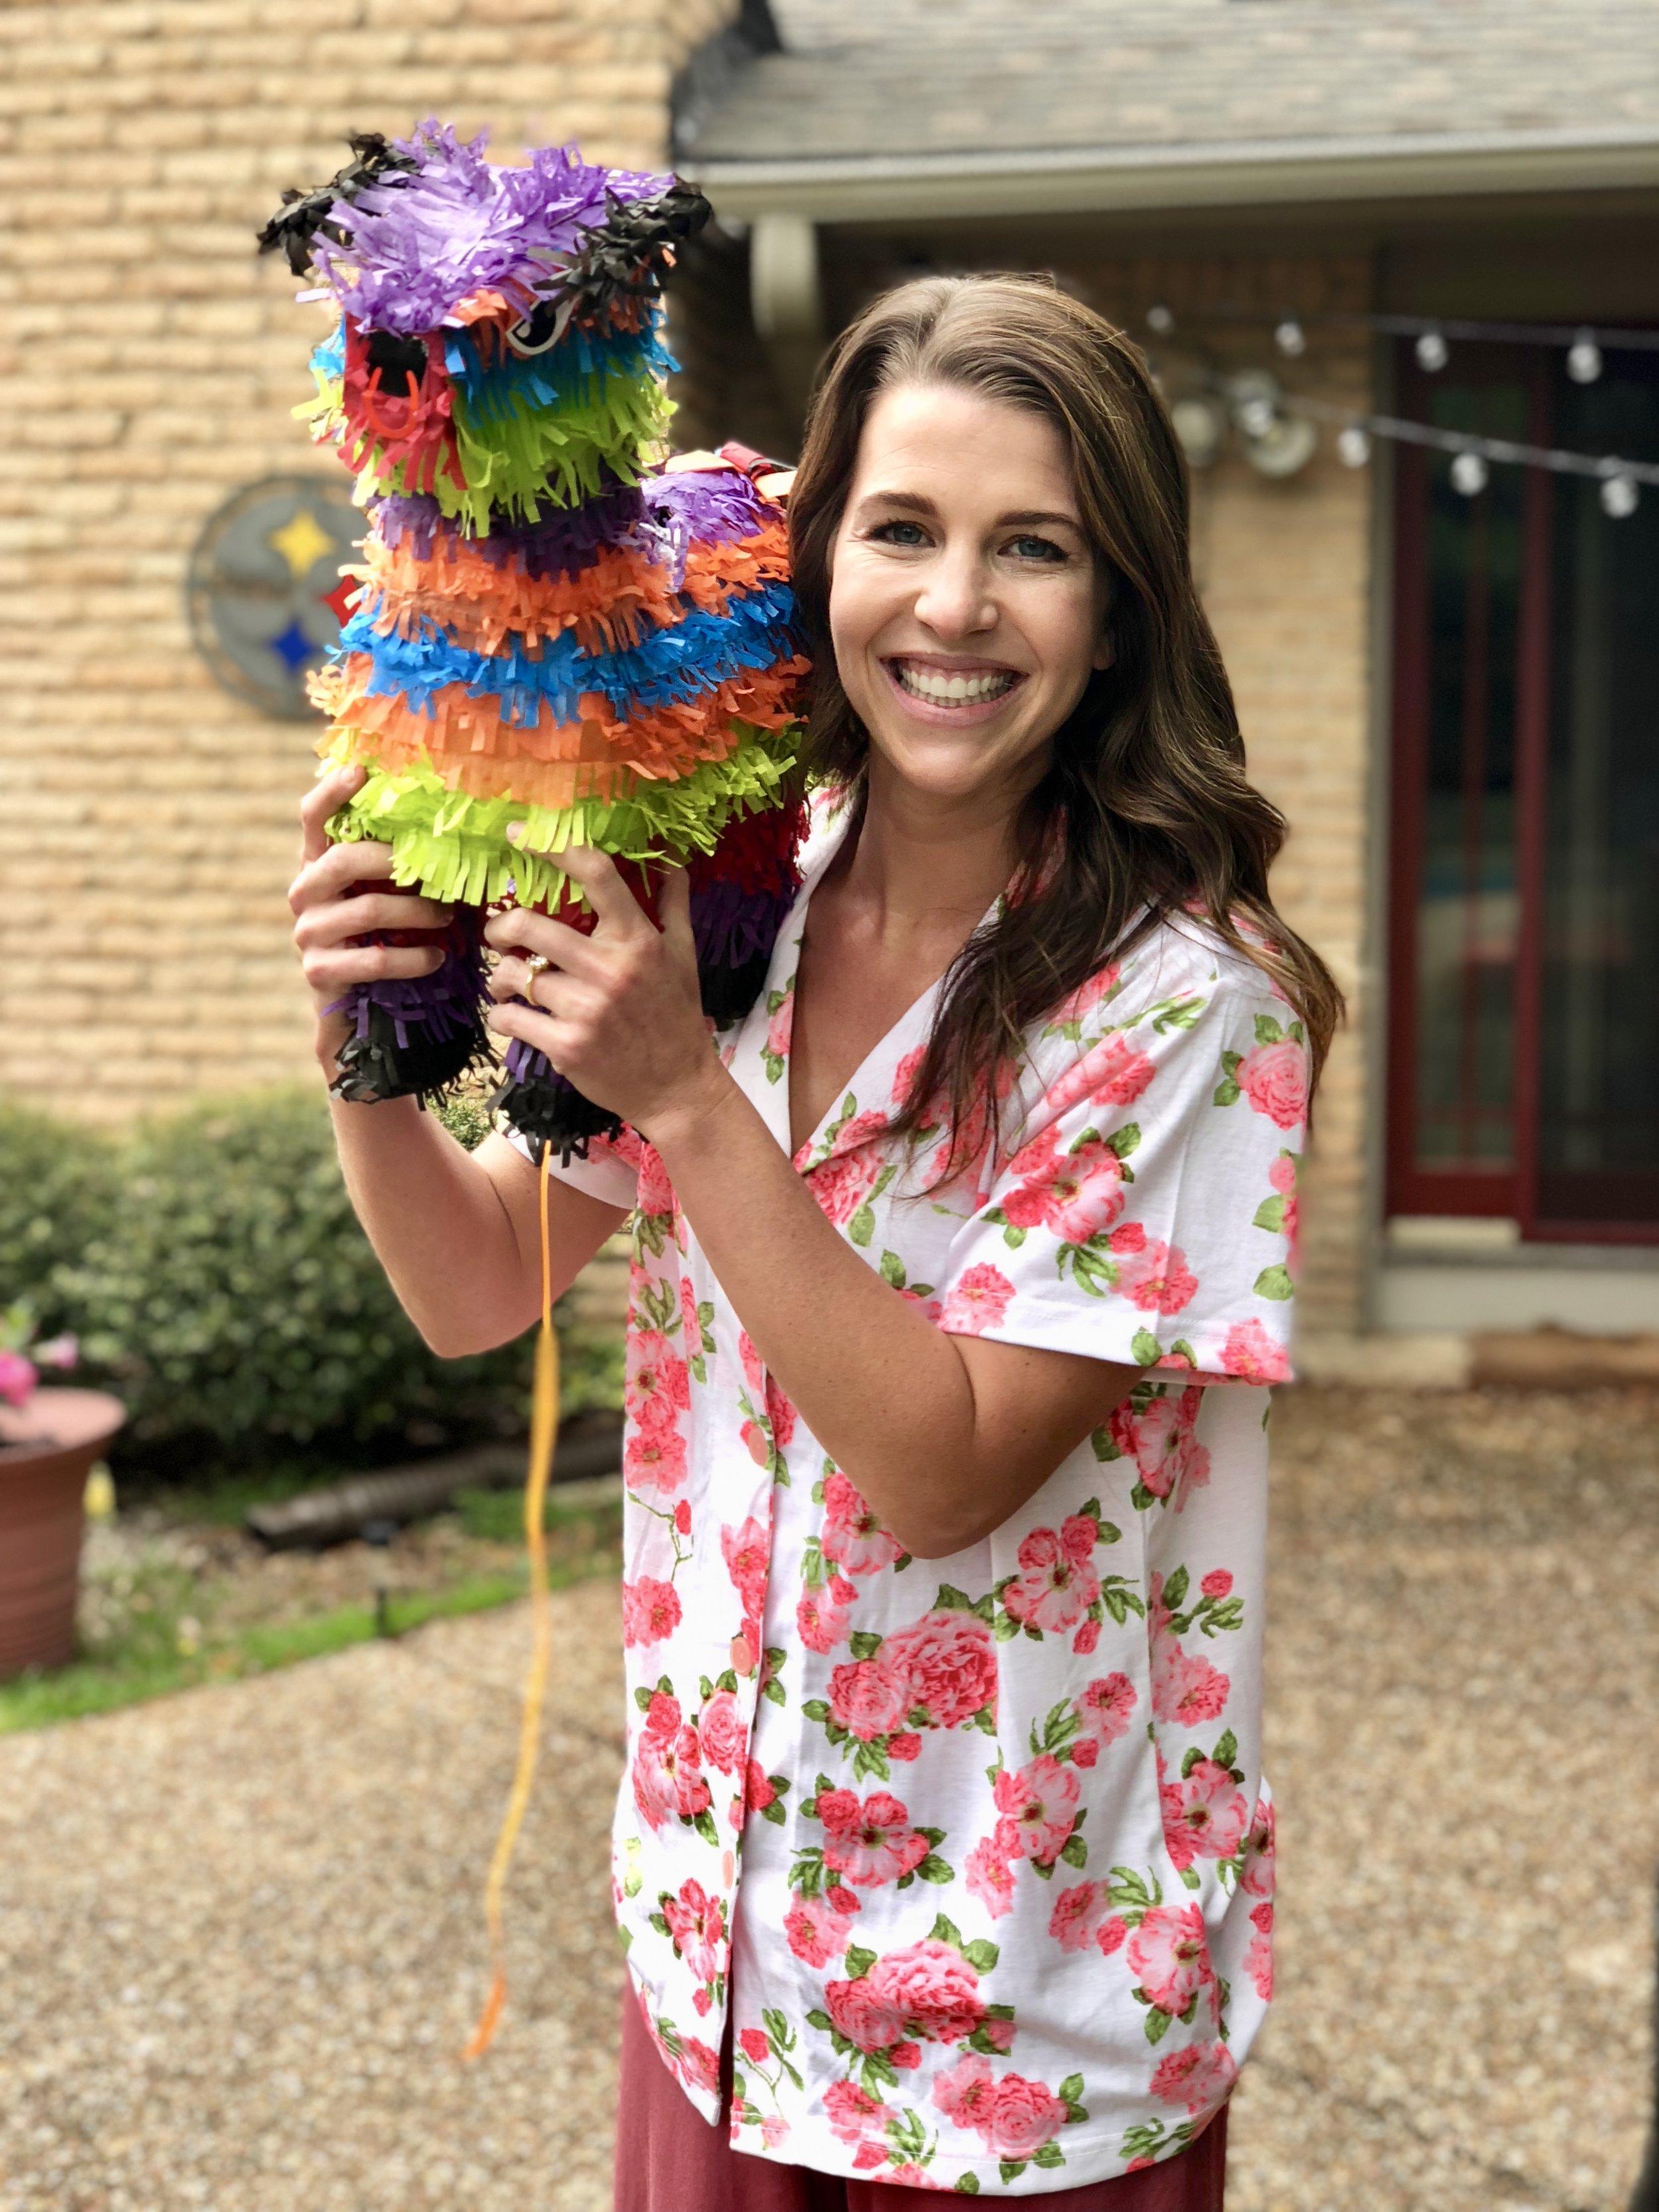 She's so purdy! Happy PJ Fiesta Bridal Shower, Britt!